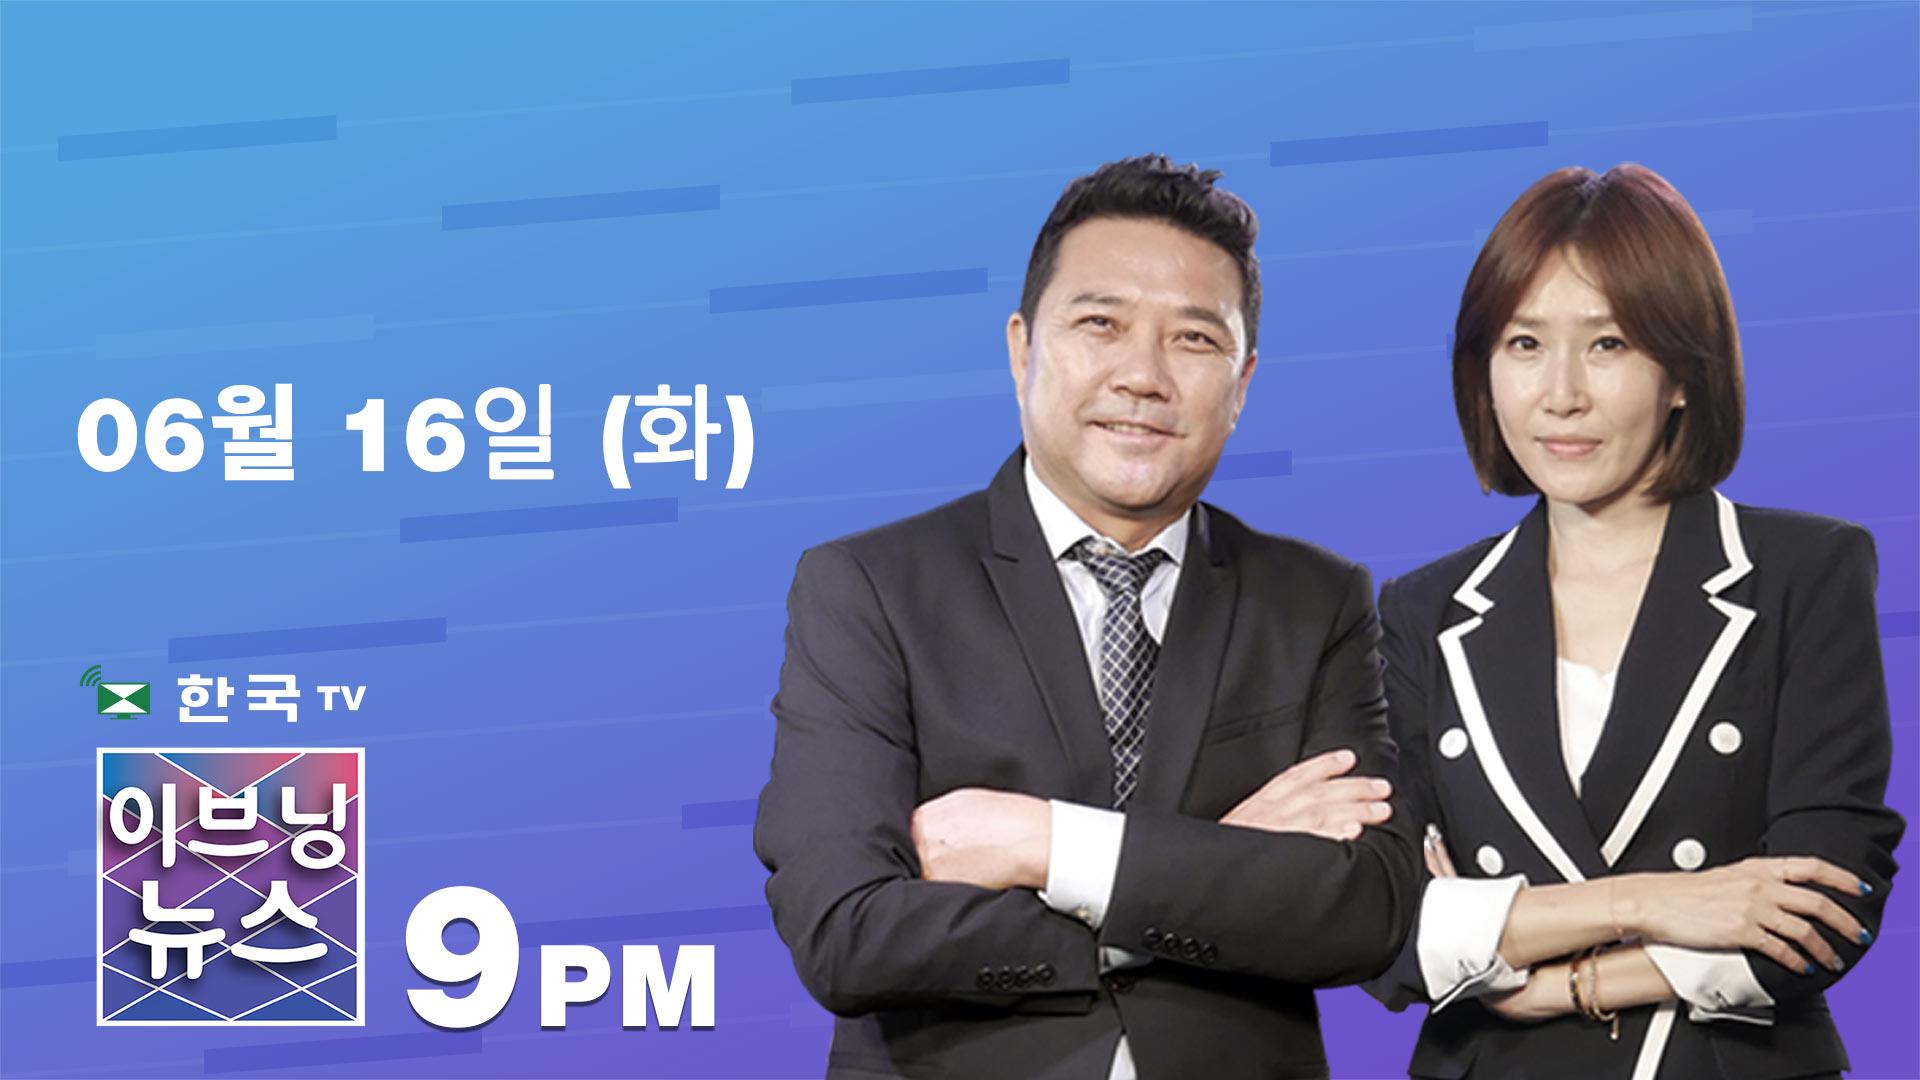 (06.16.2020) 한국TV 이브닝 뉴스